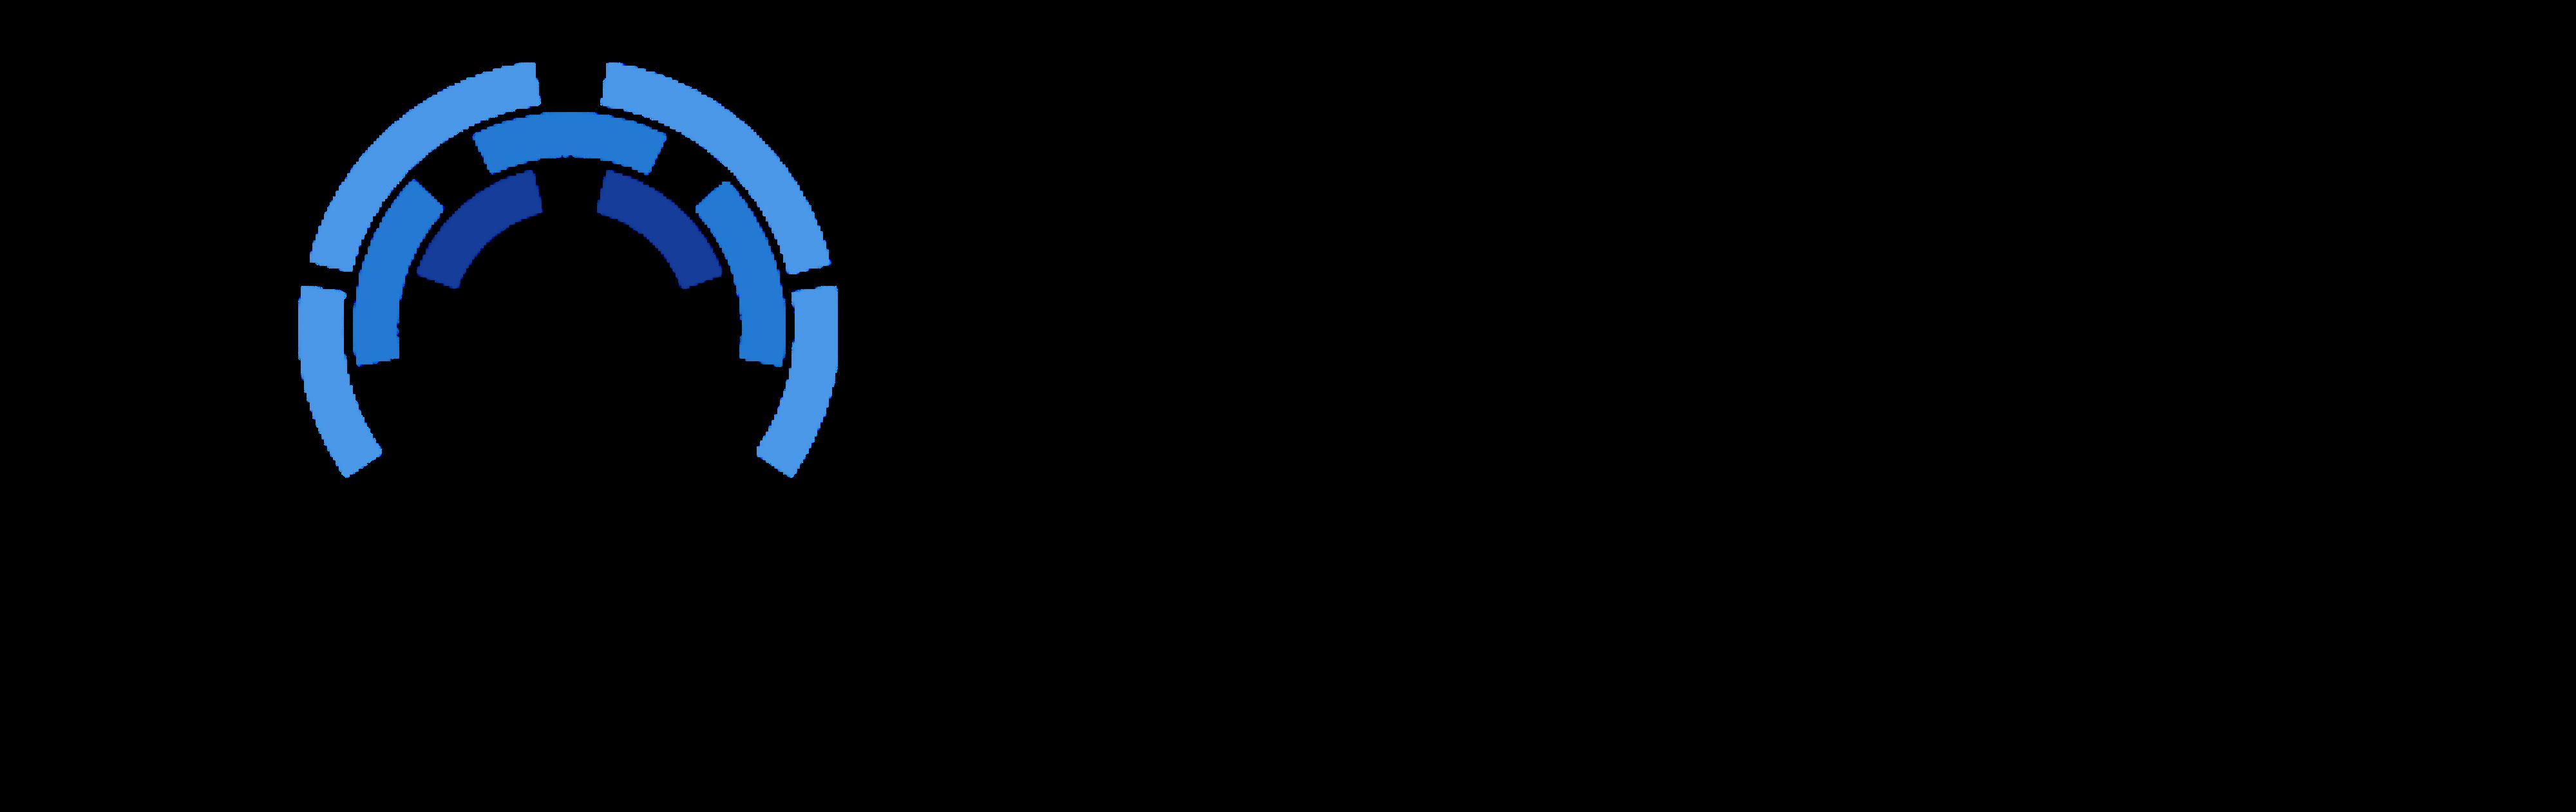 PyNet Labs Logo